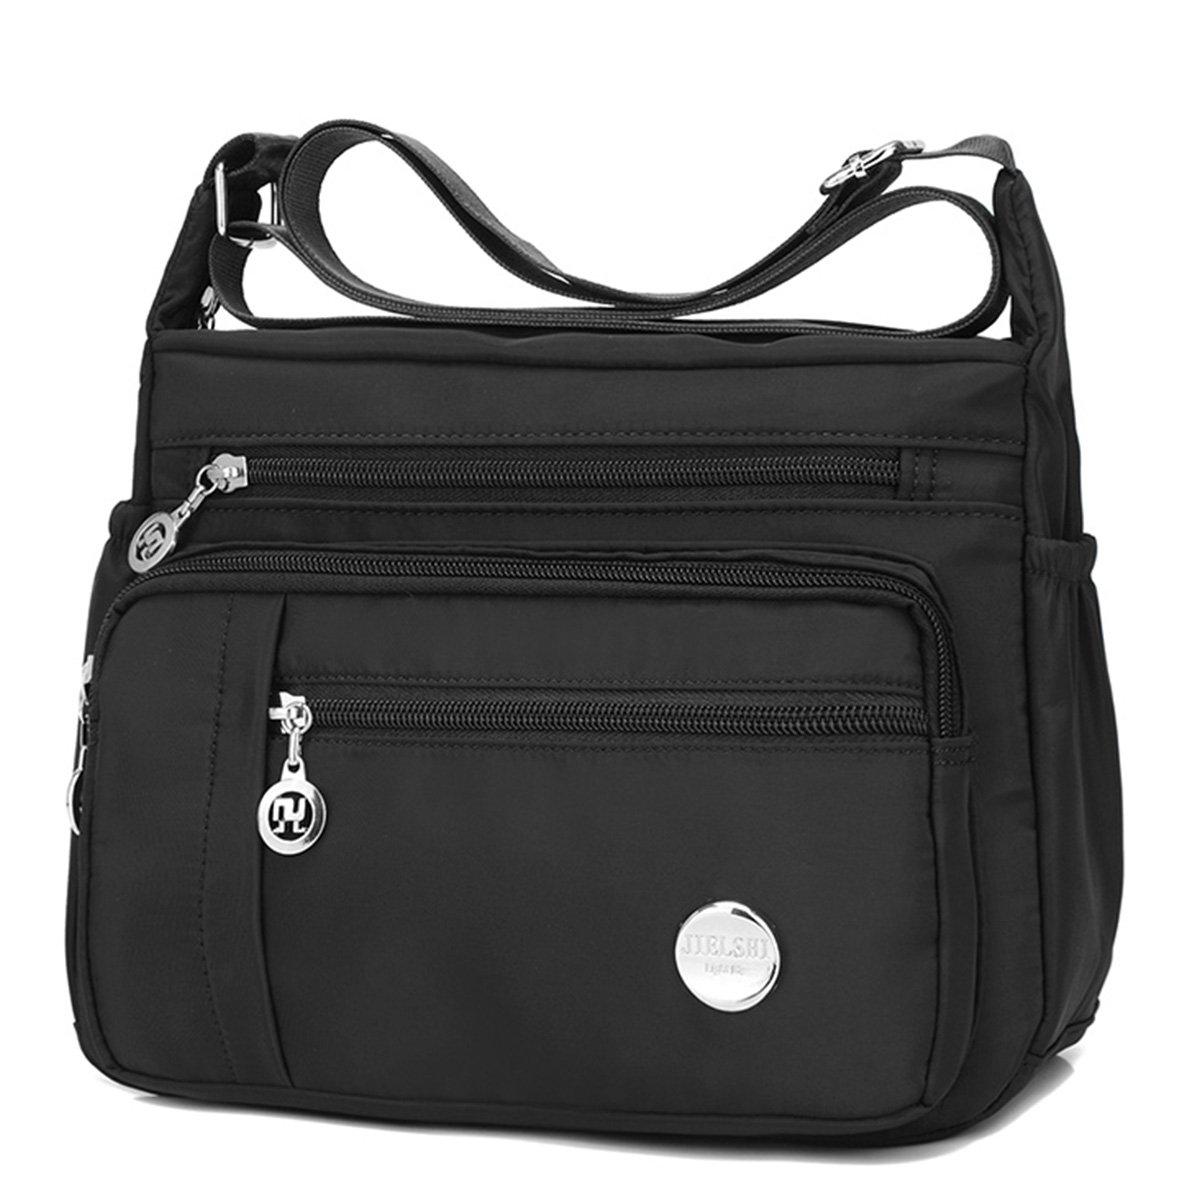 Amazon.com  Waterproof Nylon Shoulder Crossbody Bags - Handbag Zipper  Pocket  Shoes da708ca0cb910